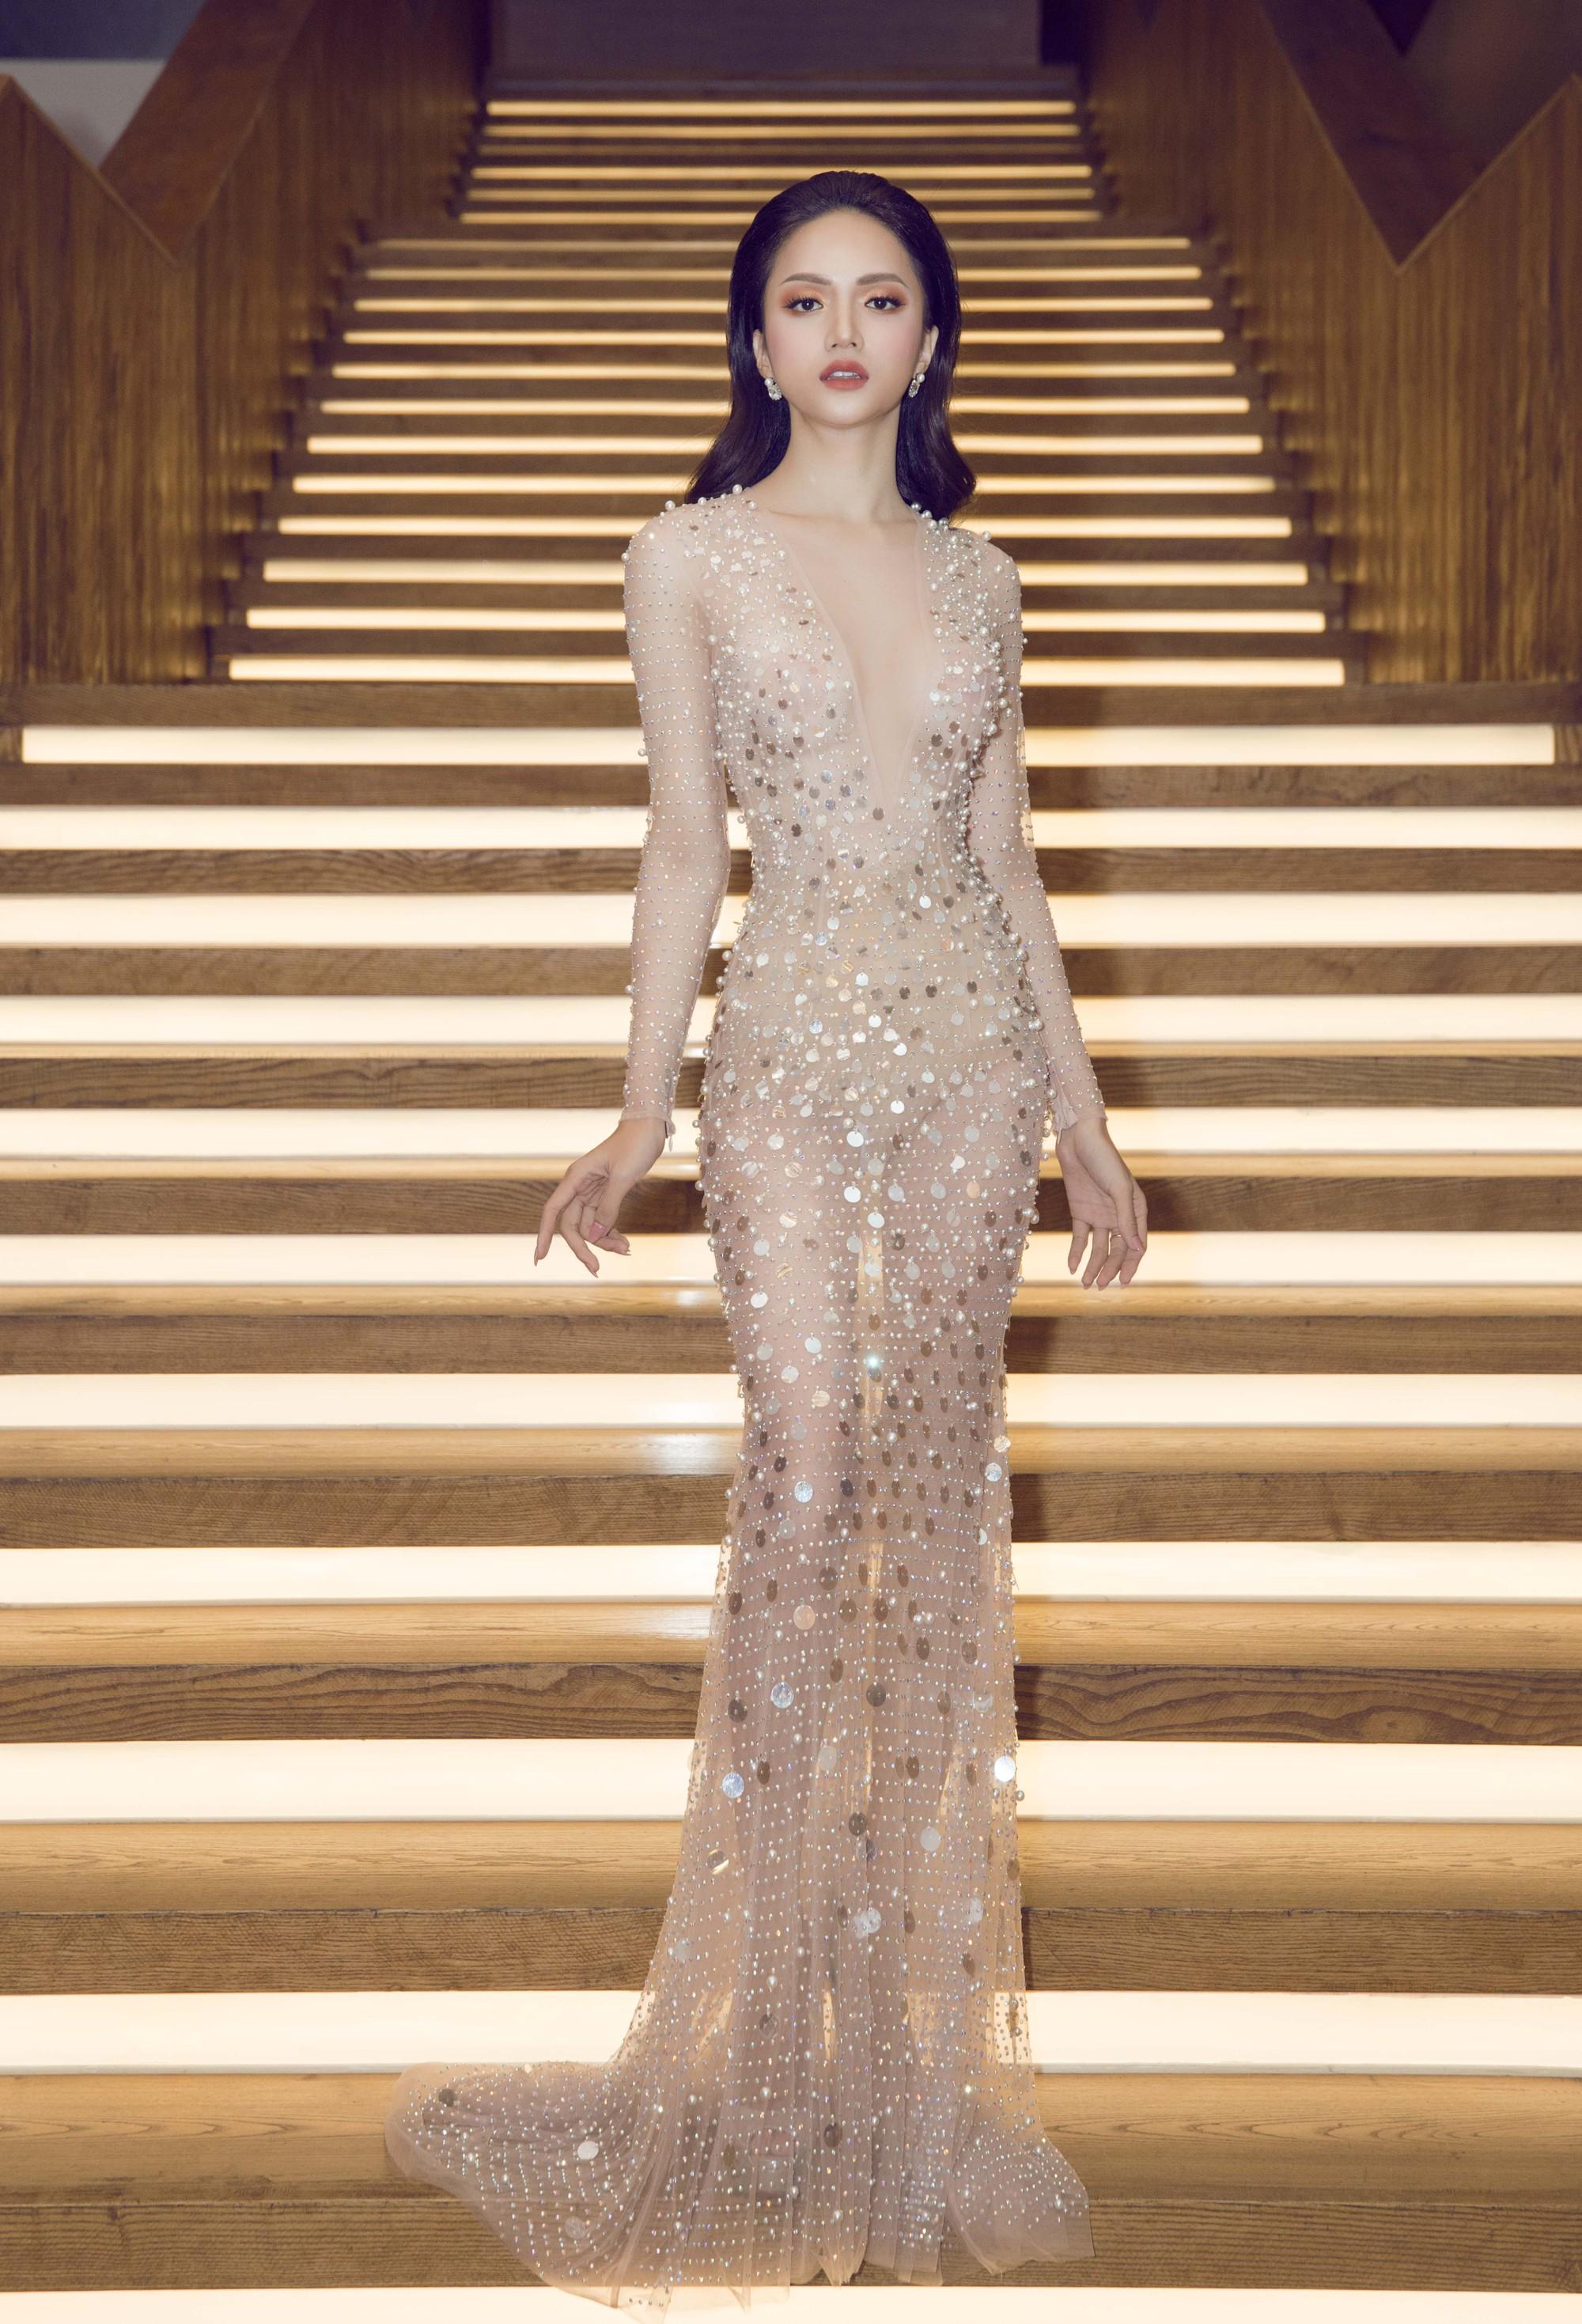 Hương Giang quyến rũ với váy xuyên thấu bó sát, Lan Khuê diện váy trắng tinh khôi như cô dâu tại sự kiện - Ảnh 1.